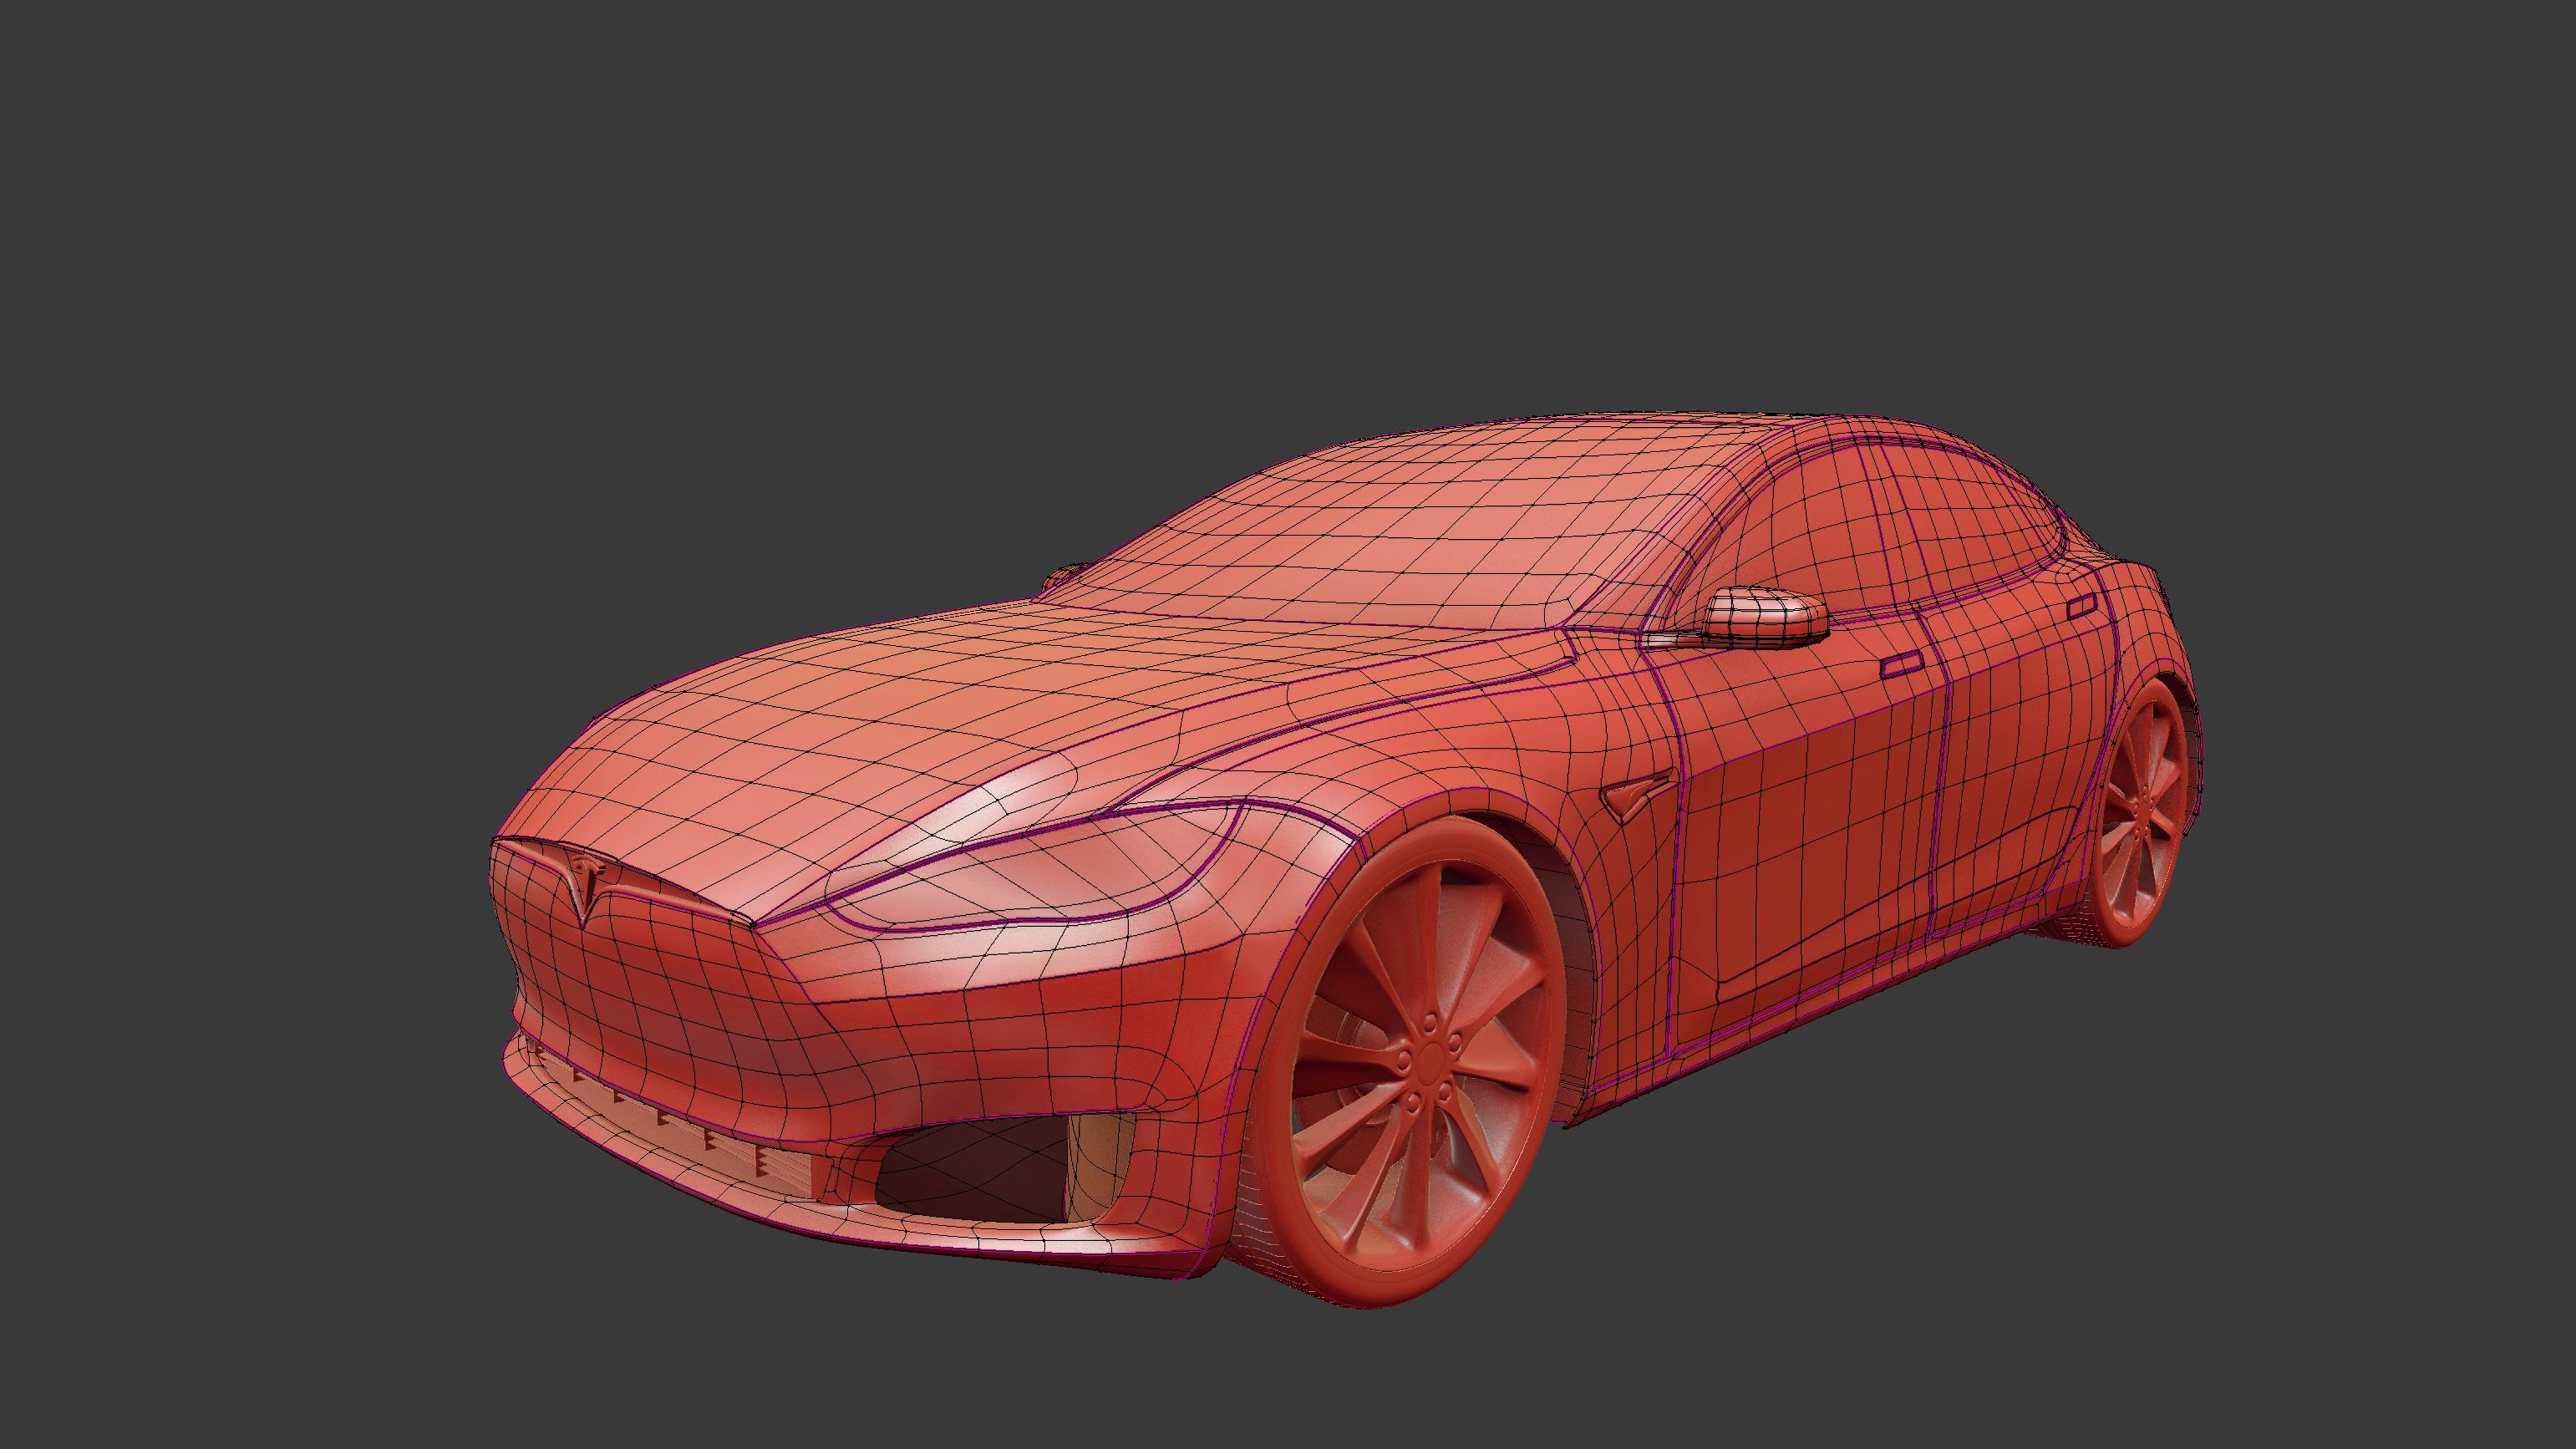 tesla model s opengl render